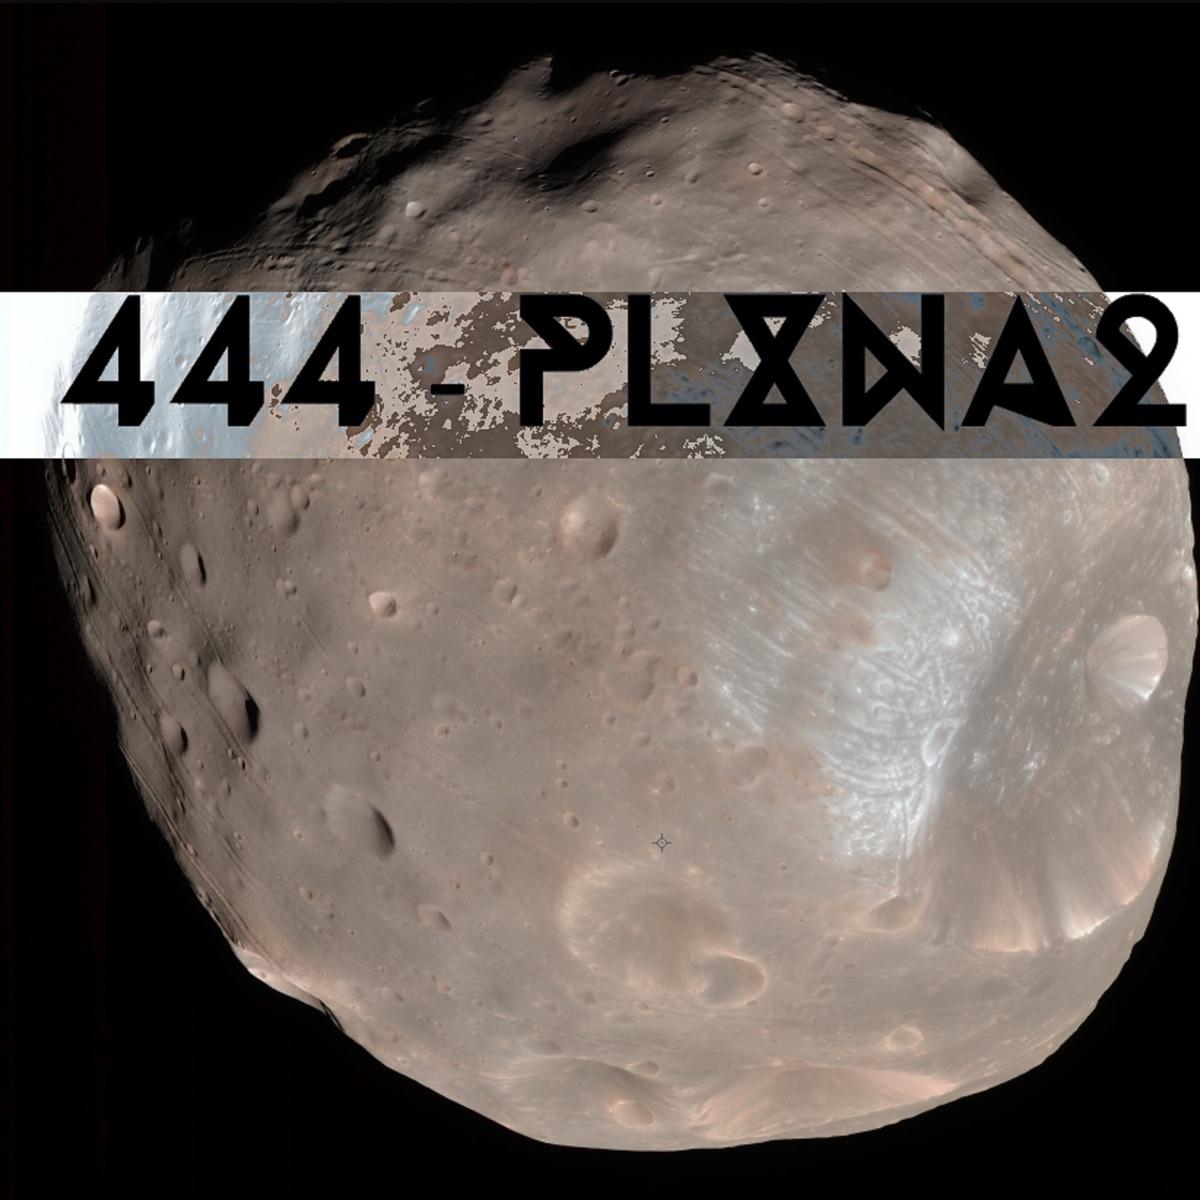 Plxna2 444 CD cover